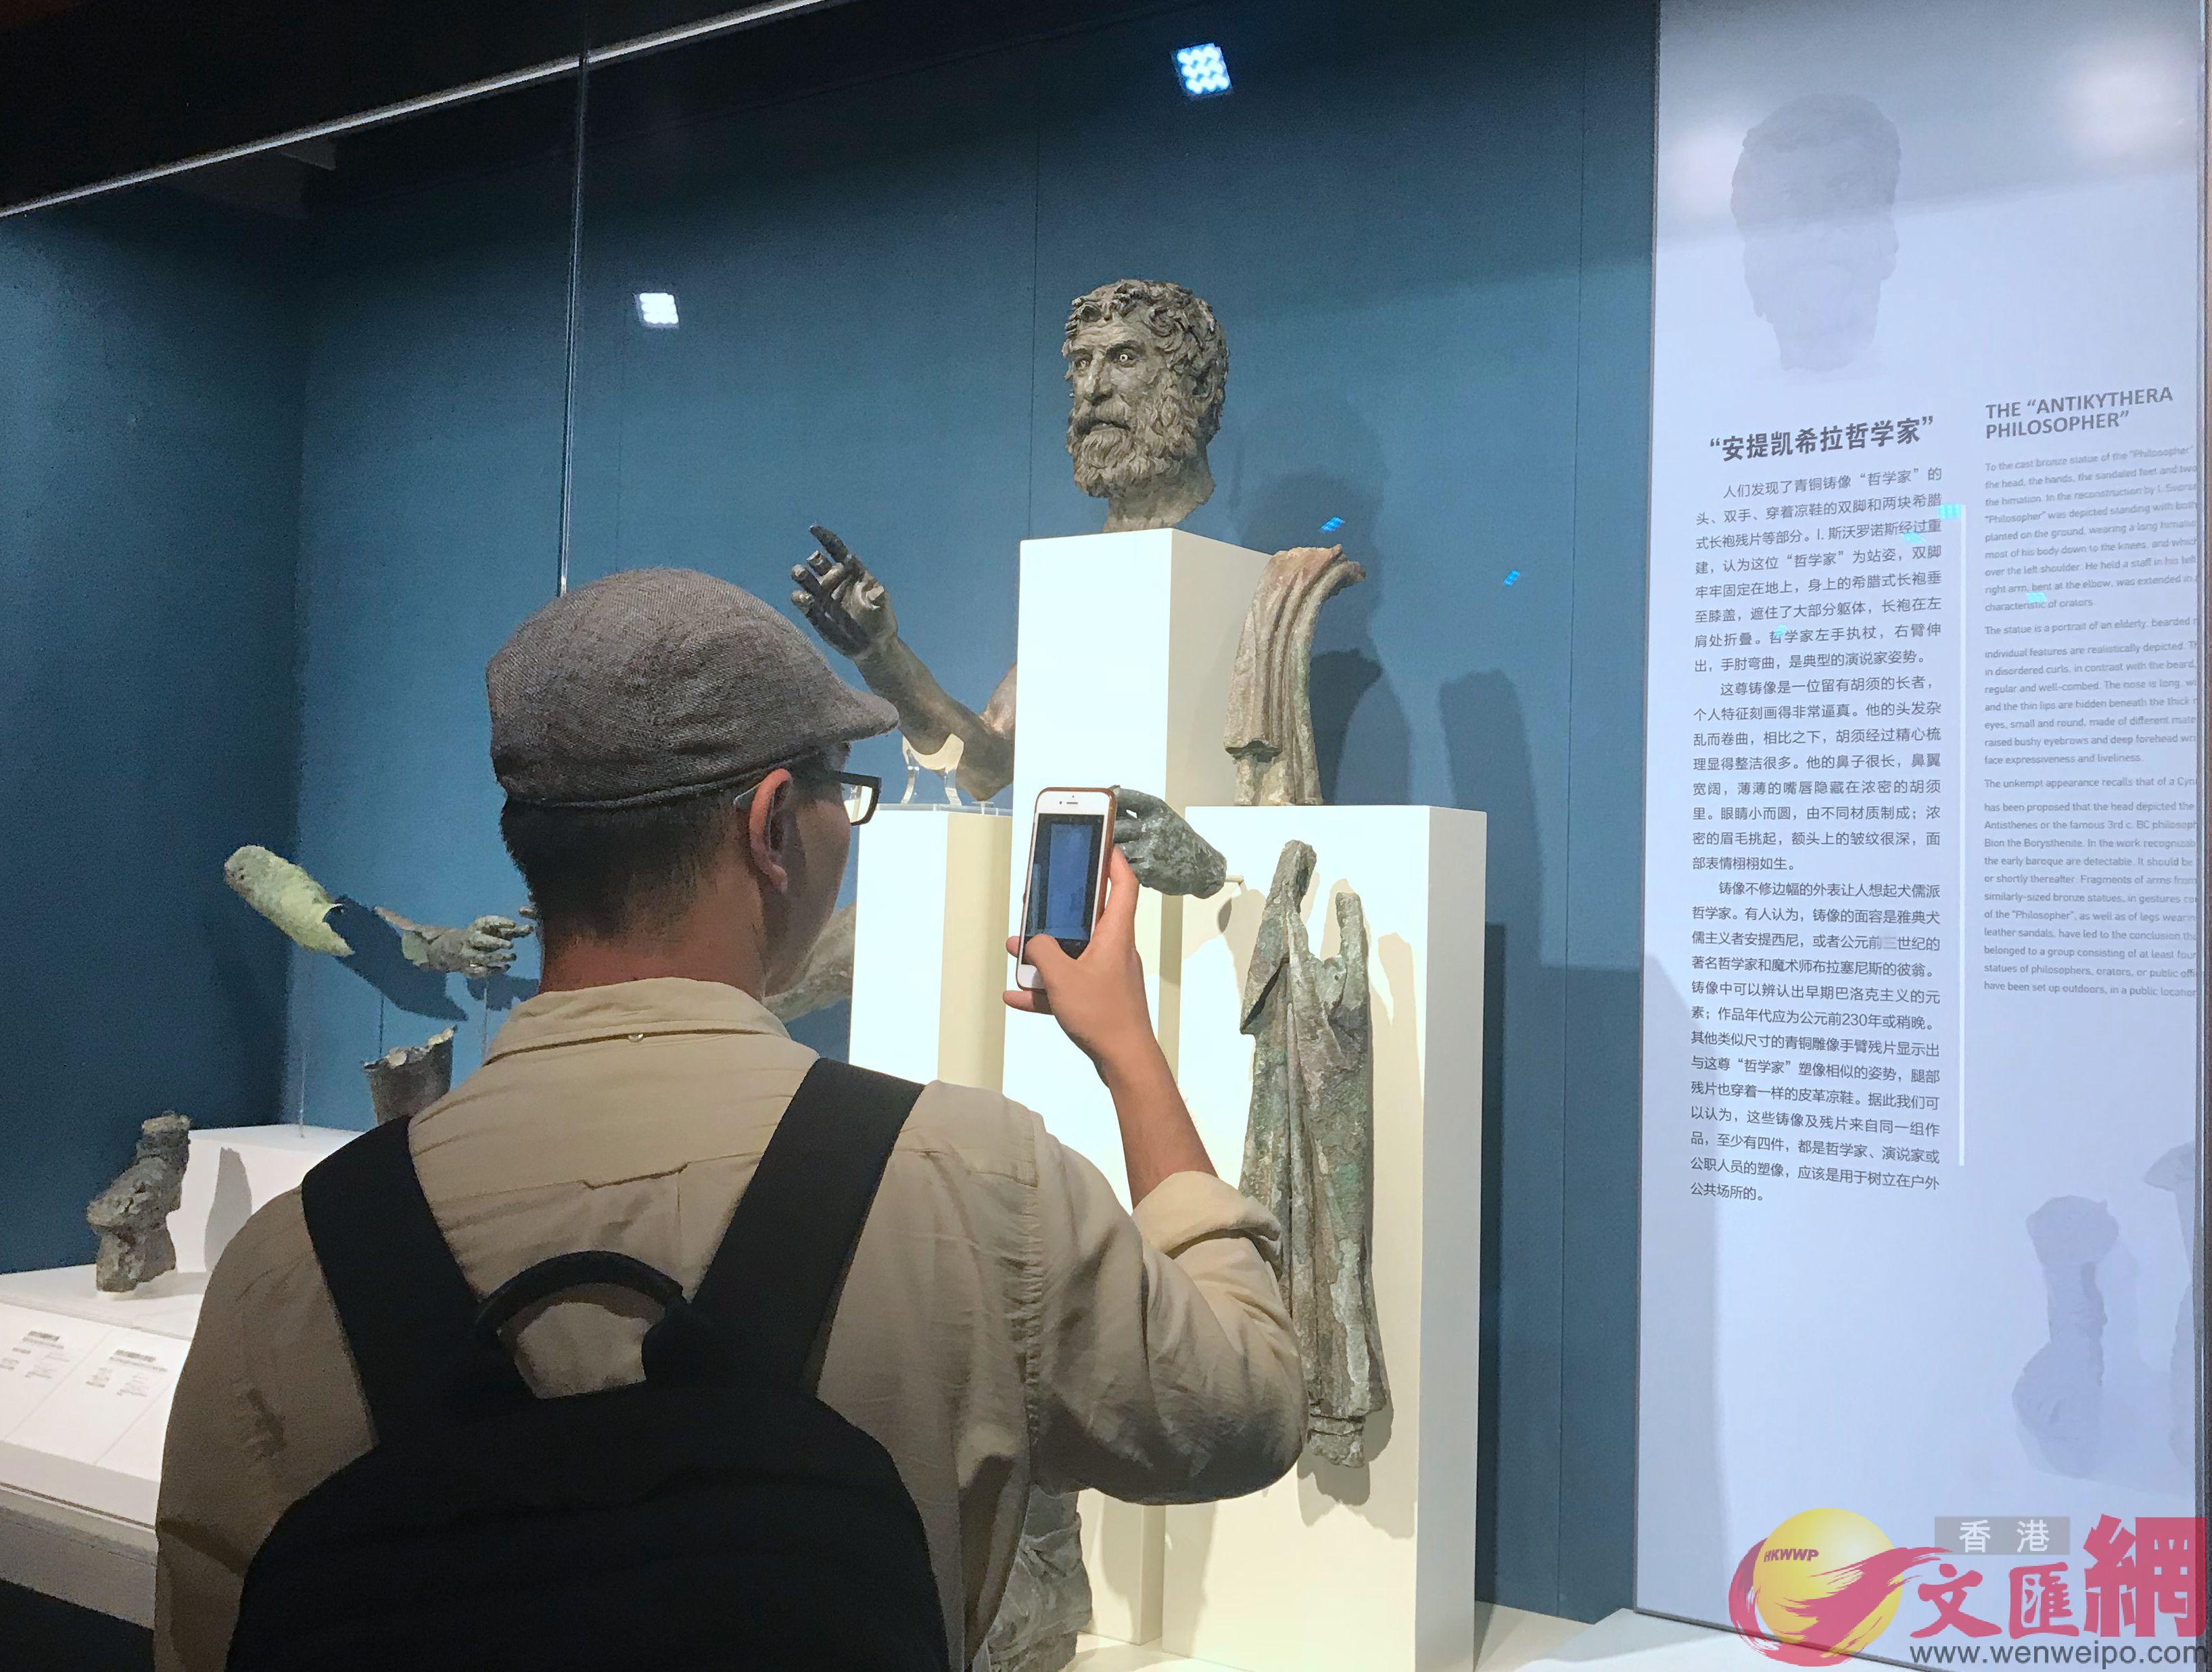 觀眾在欣賞古希臘文物。 江鑫嫻 攝